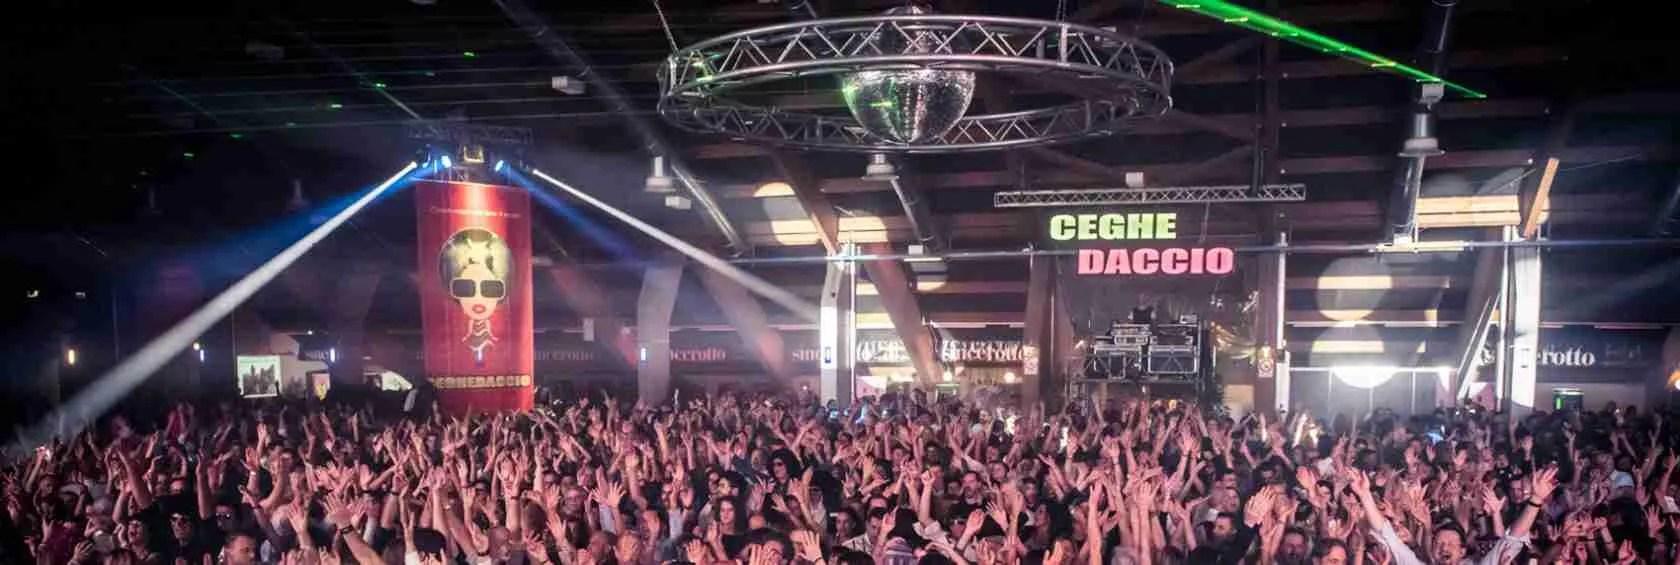 L'evento musicale più amato dalle escort di Udine è il Ceghedaccio.